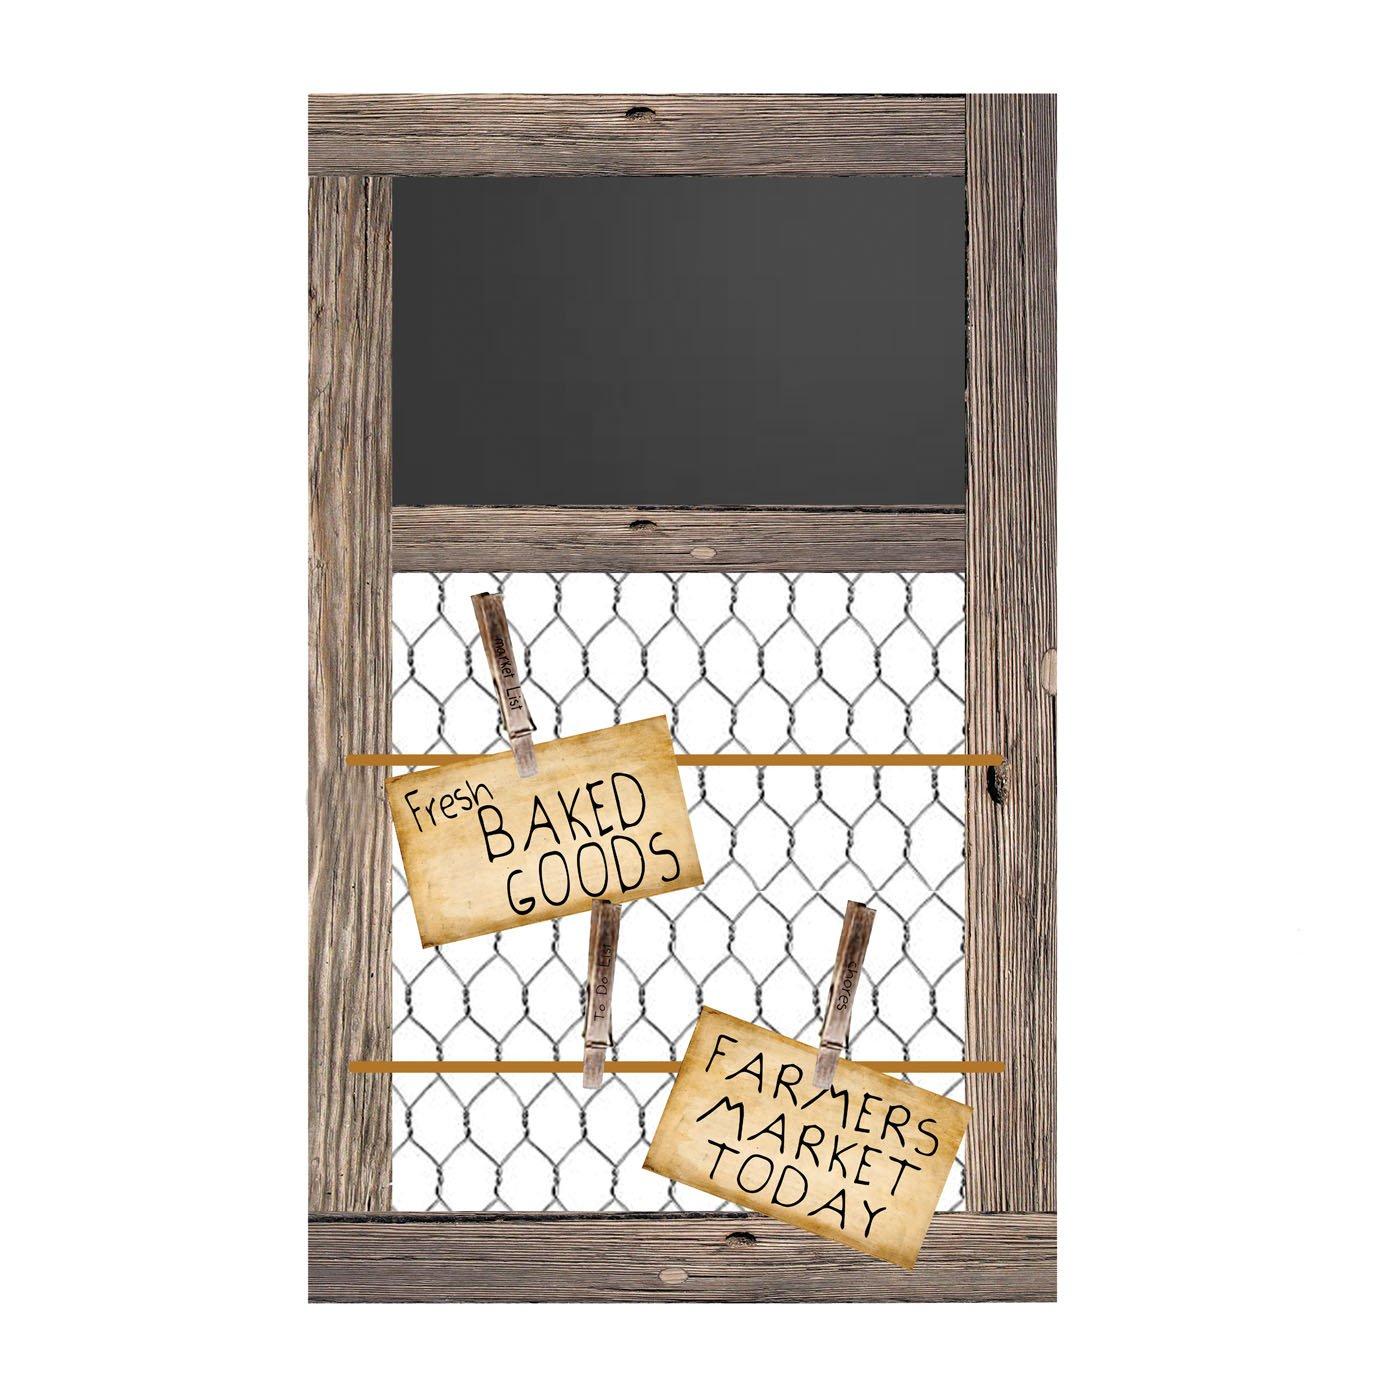 Amazon.com: Ohio Wholesale Chicken Wire Memo Board: Home & Kitchen